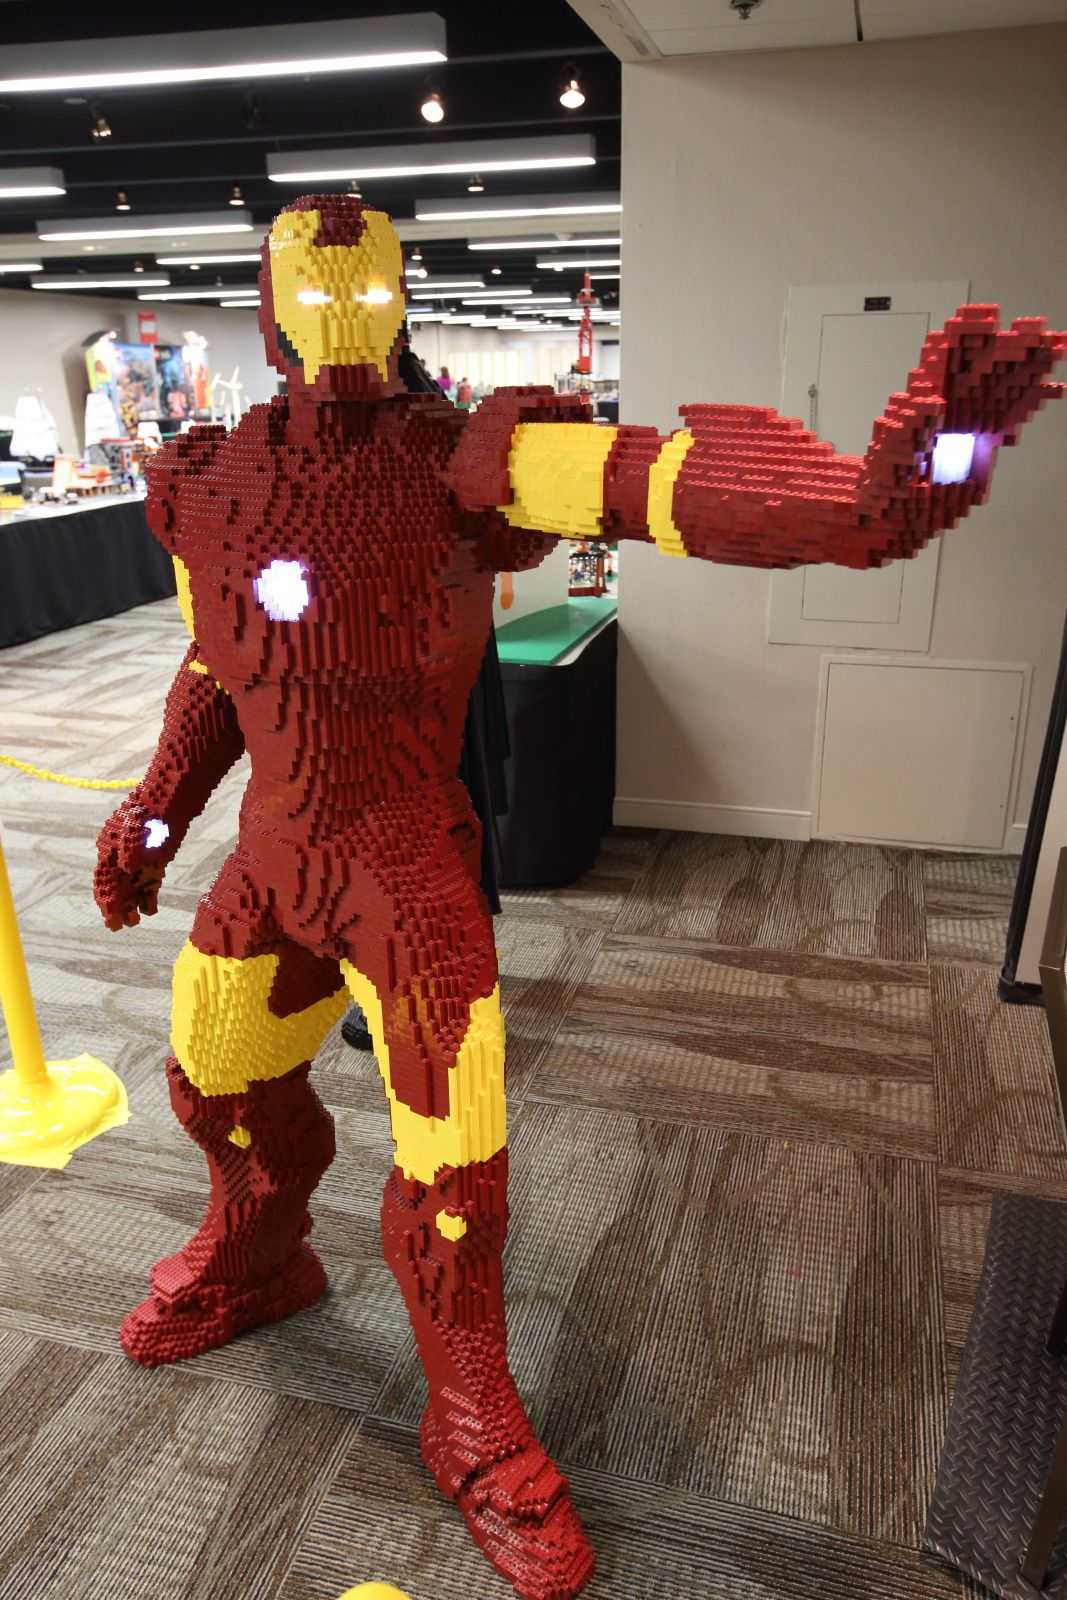 Iron Man Lego Build Epic Life-size Brick Marvel